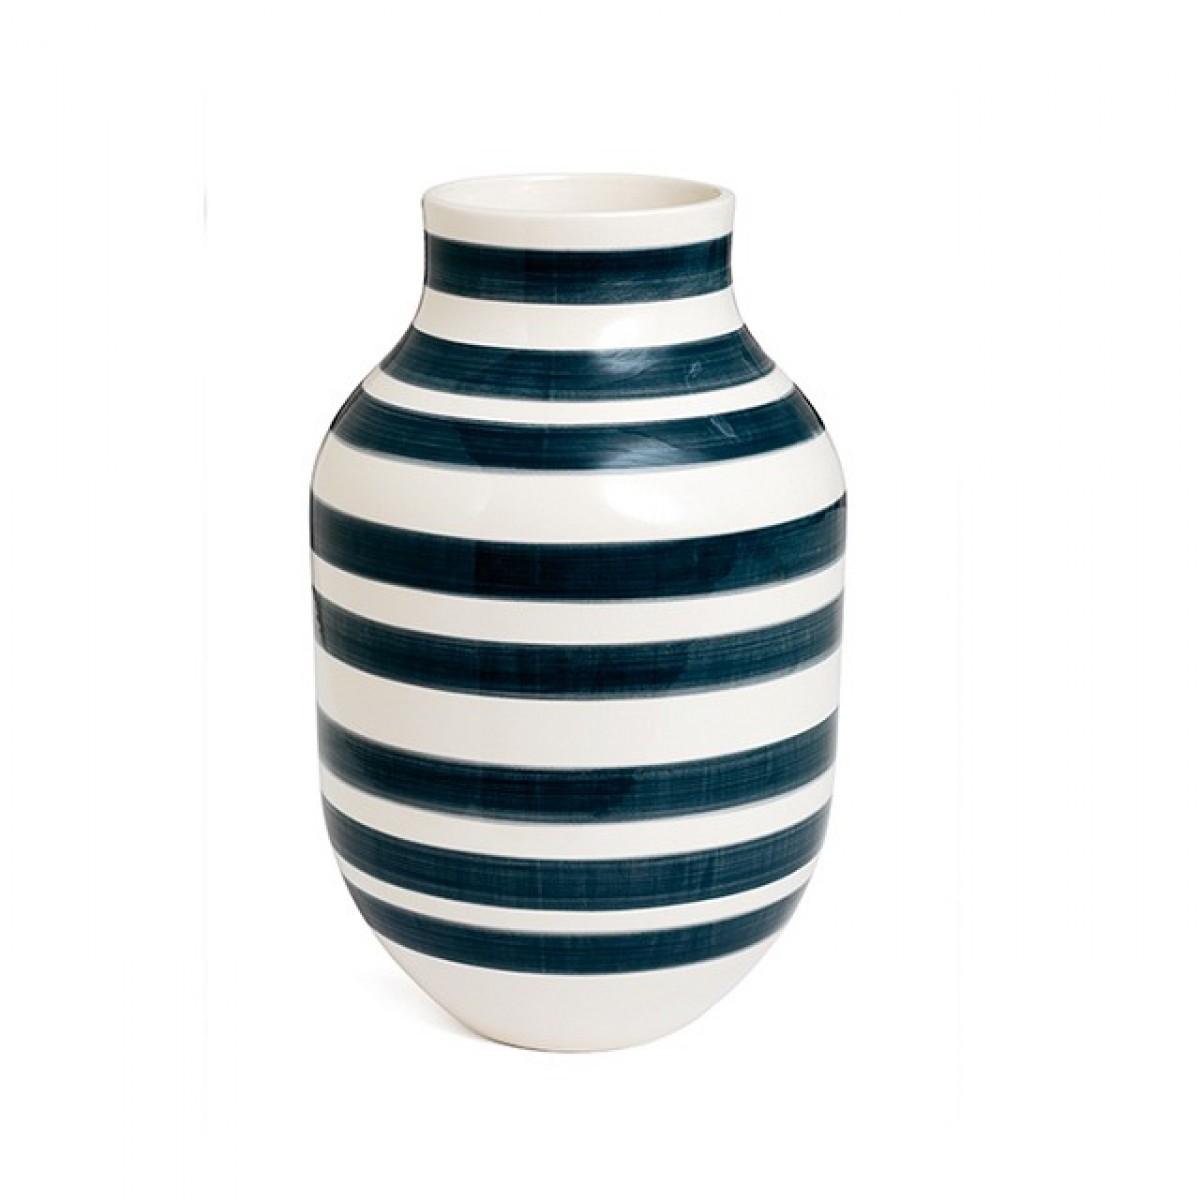 KÄHLER Omaggio vase granit grå 30,5 cm.